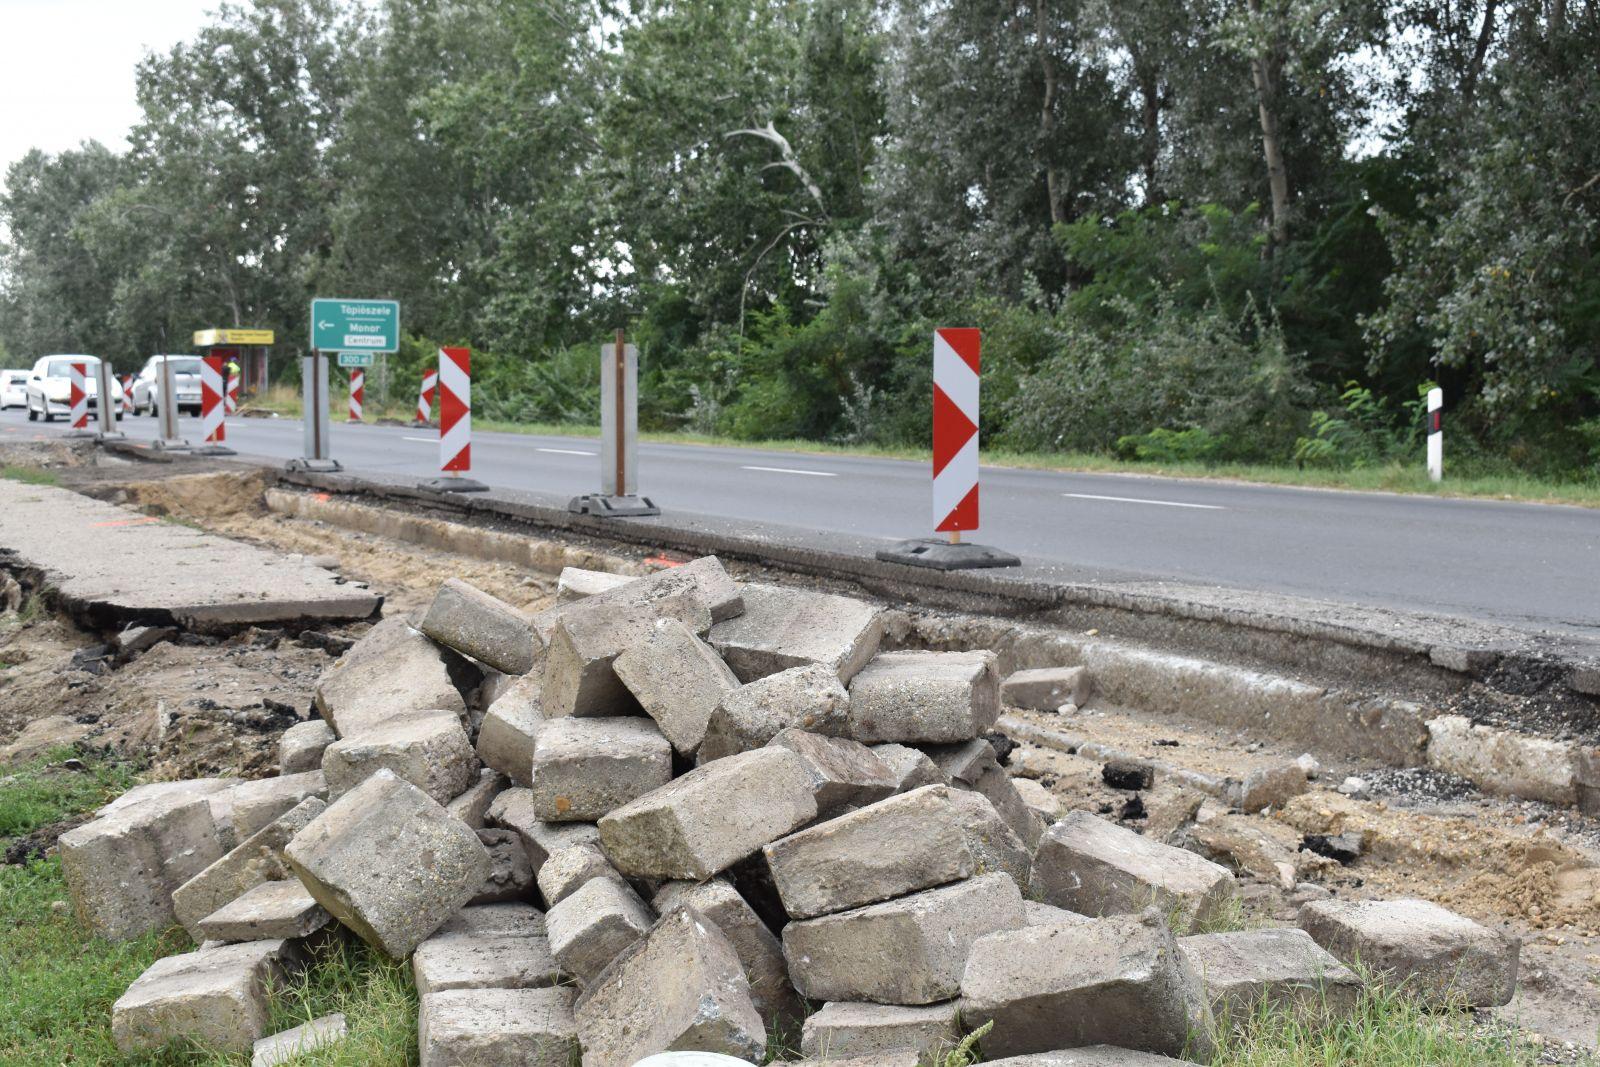 Felújítási munkák miatt korlátozások a 4-es főúton